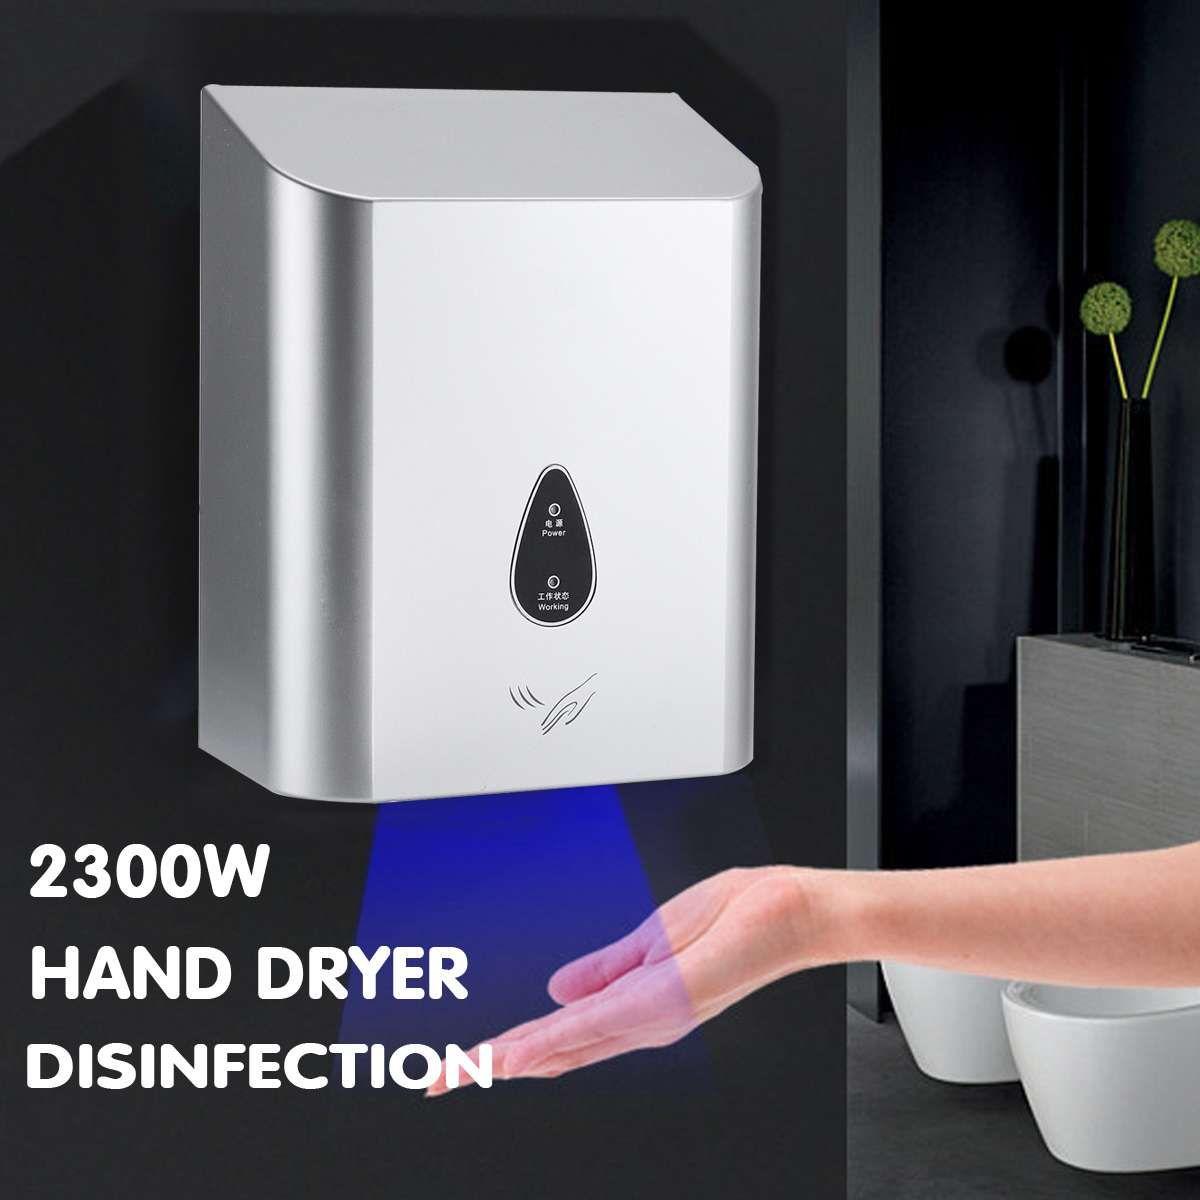 2500 W 220 V Hohe Geschwindigkeit Elektrische Hand Trockner Voll Automatische Induktion Hand-trocknen Gerät Bad Heißer Air Wind gebläse